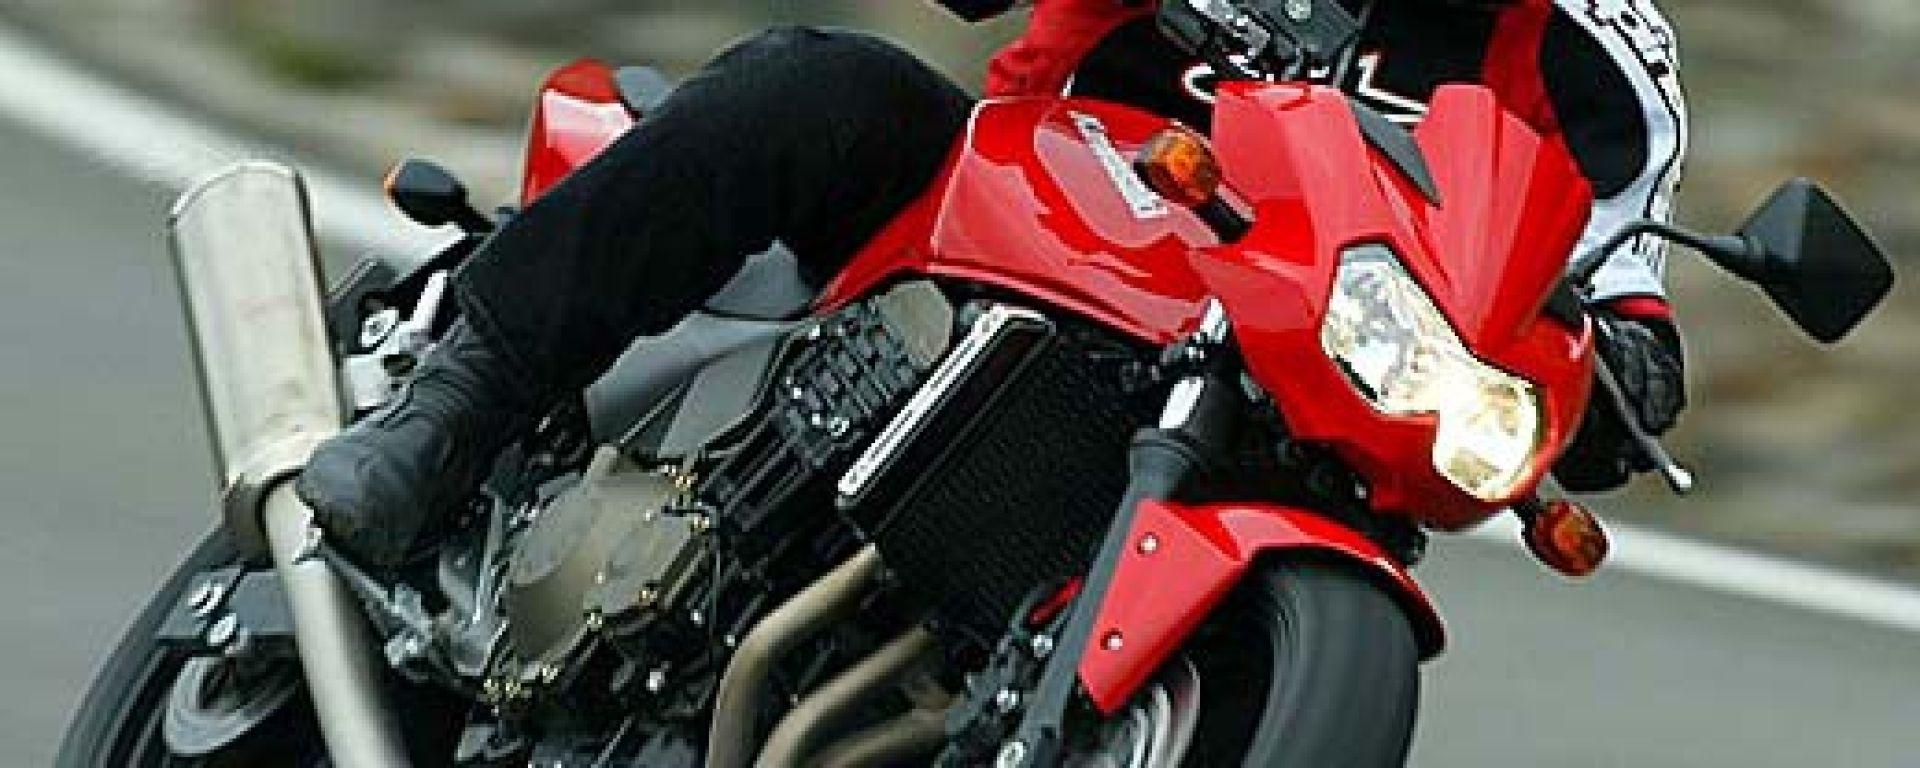 MERCATO MOTO: la moto corre, il 50 crolla